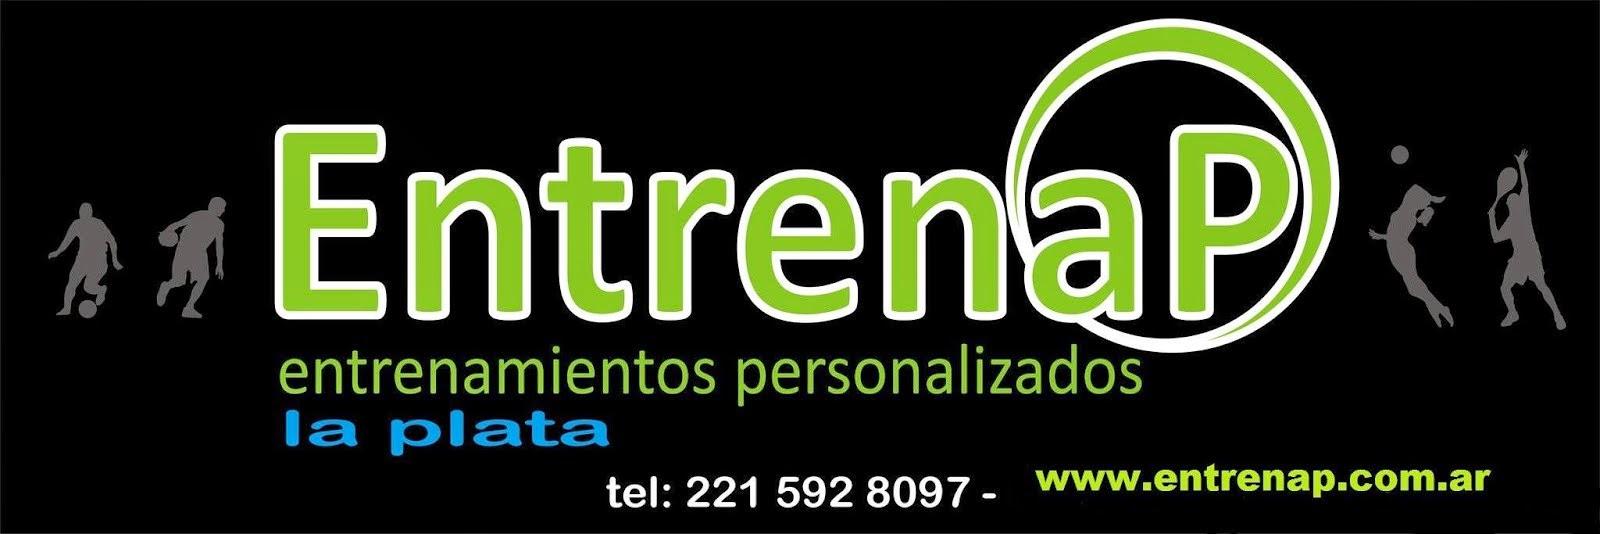 EntrenaP